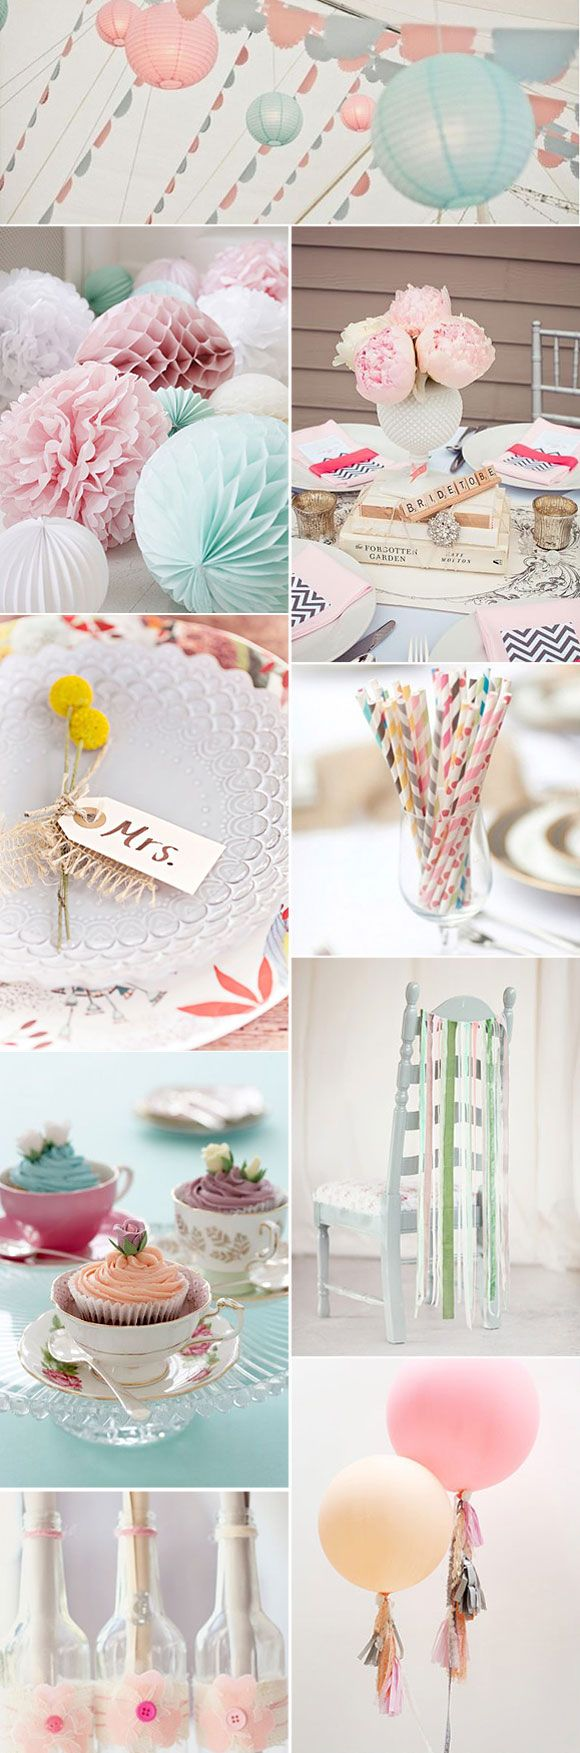 Pajitas de papel y complementos en colores pasteles para decorar bodas